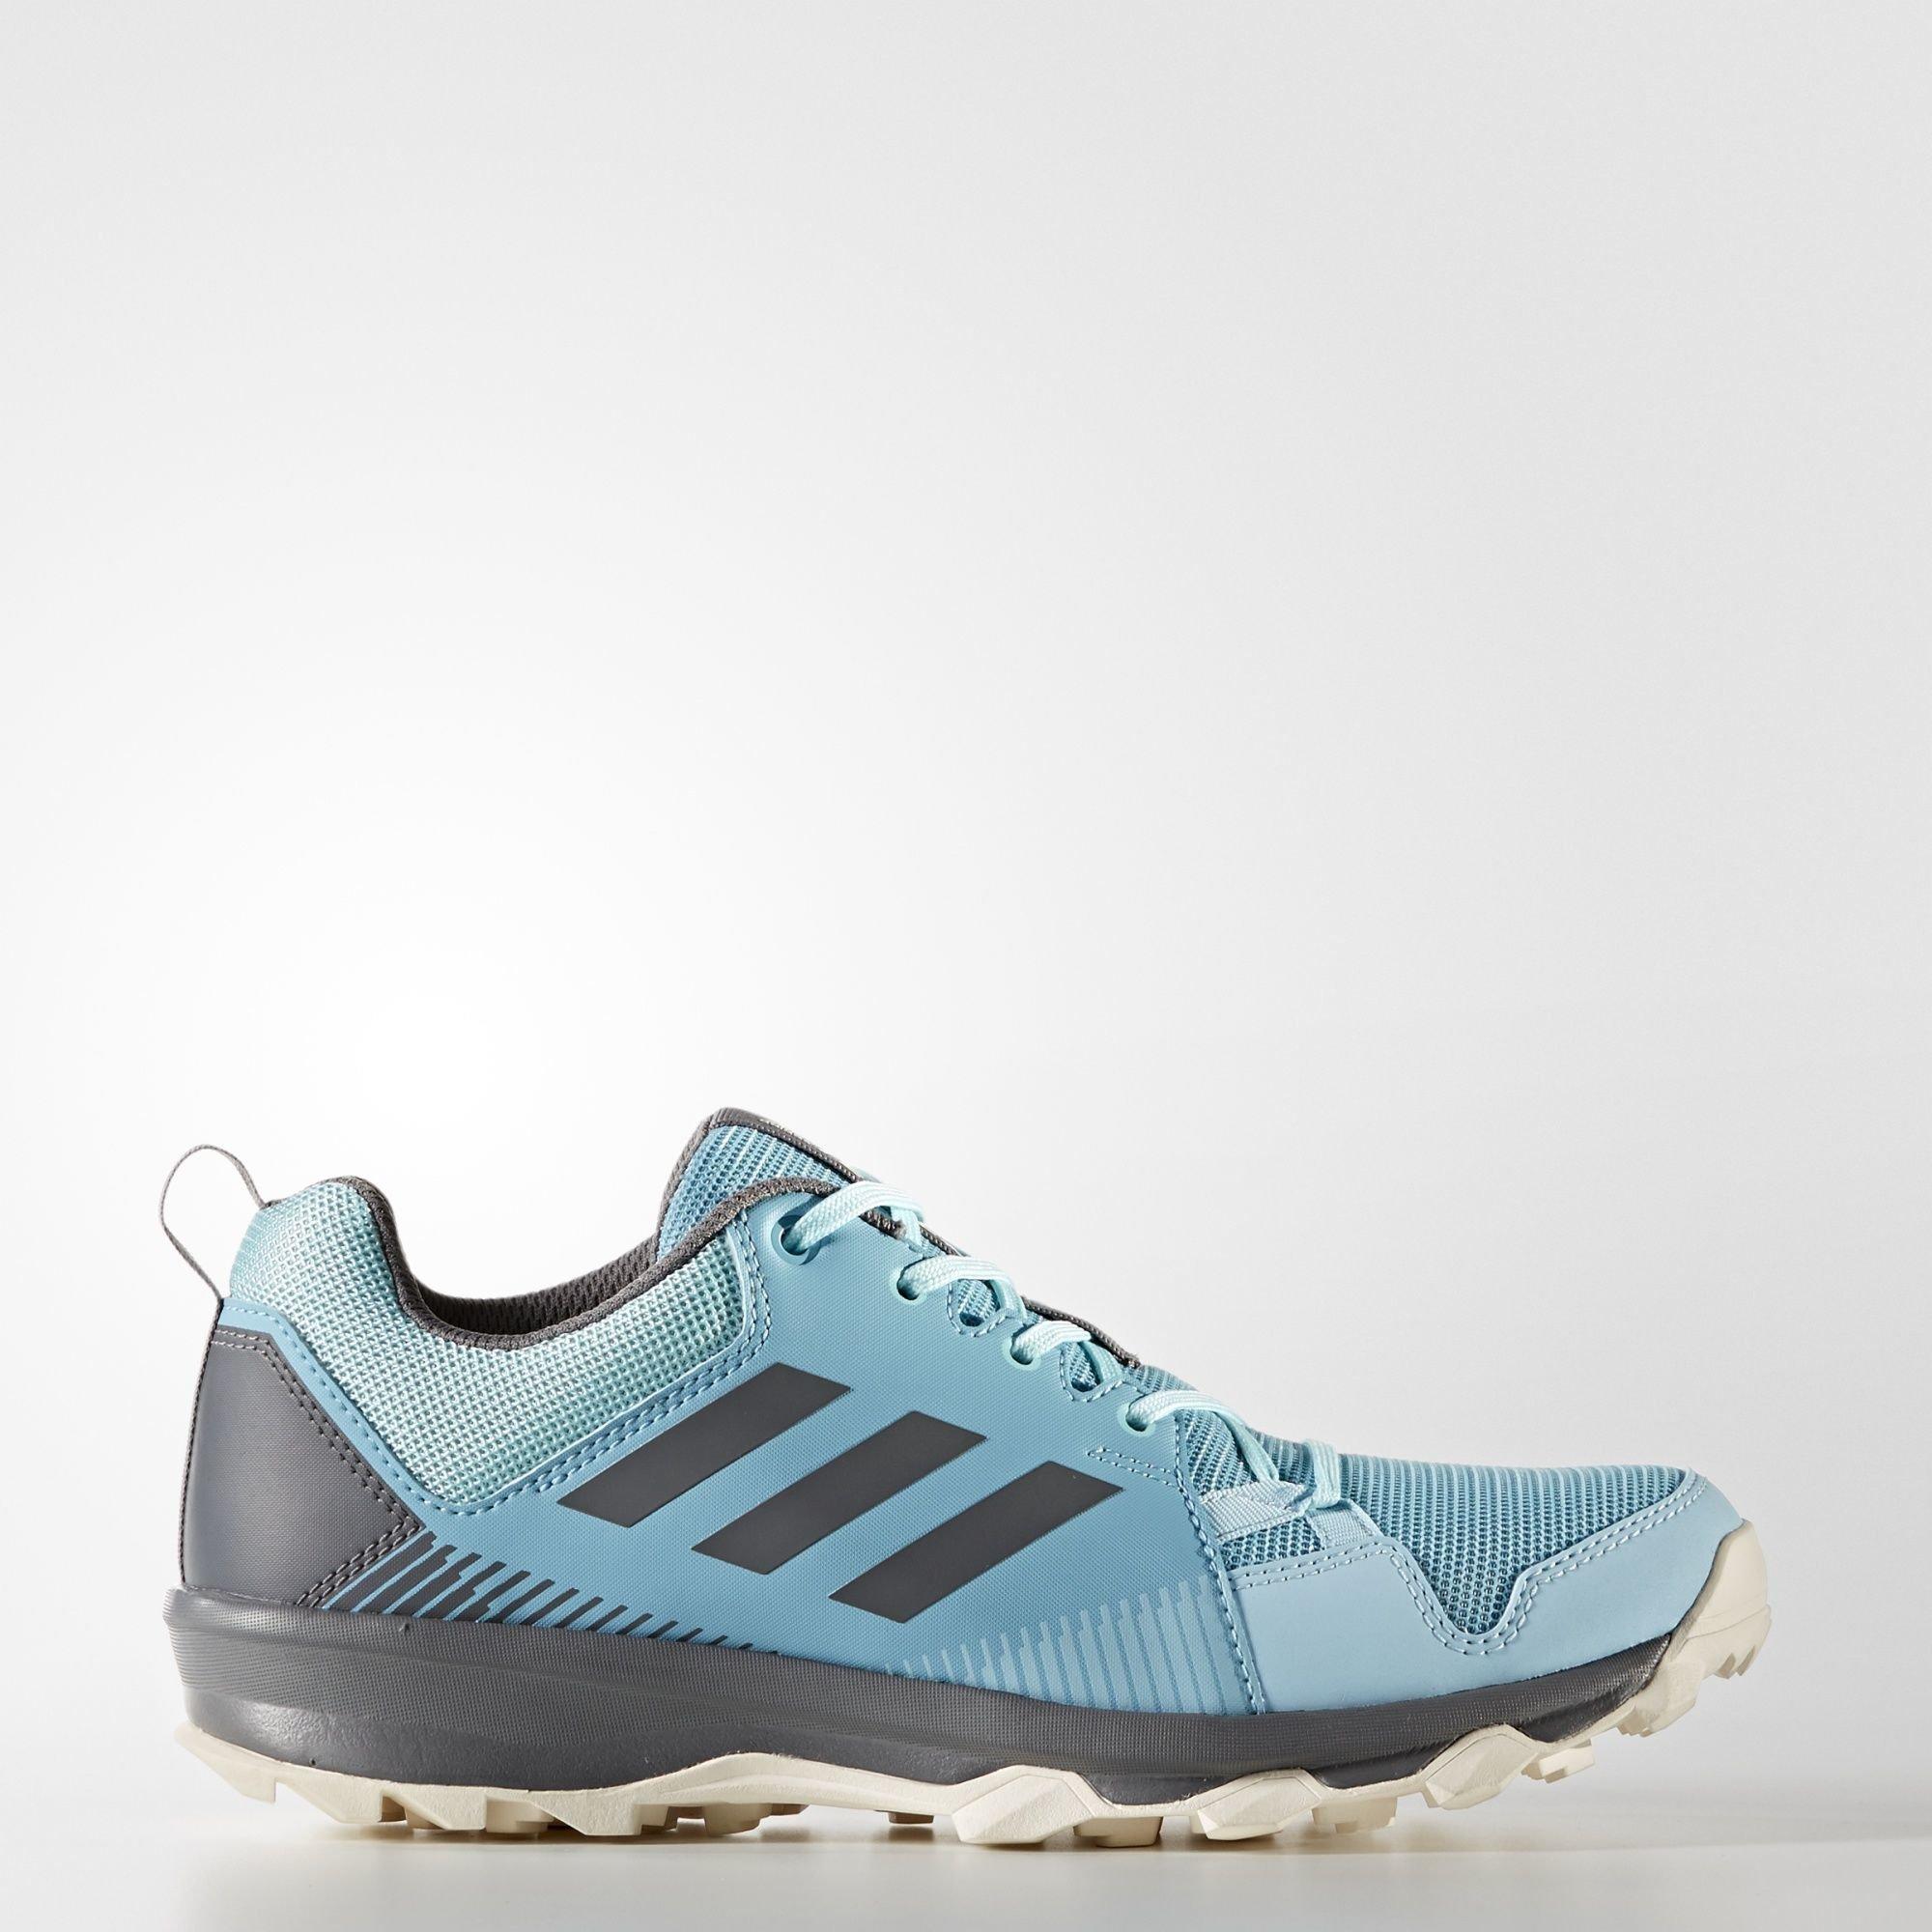 Обувь для трейлраннинга TERREX Tracerocker adidas TERREX vapour blue f16 / grey four f17 / icey blue f17